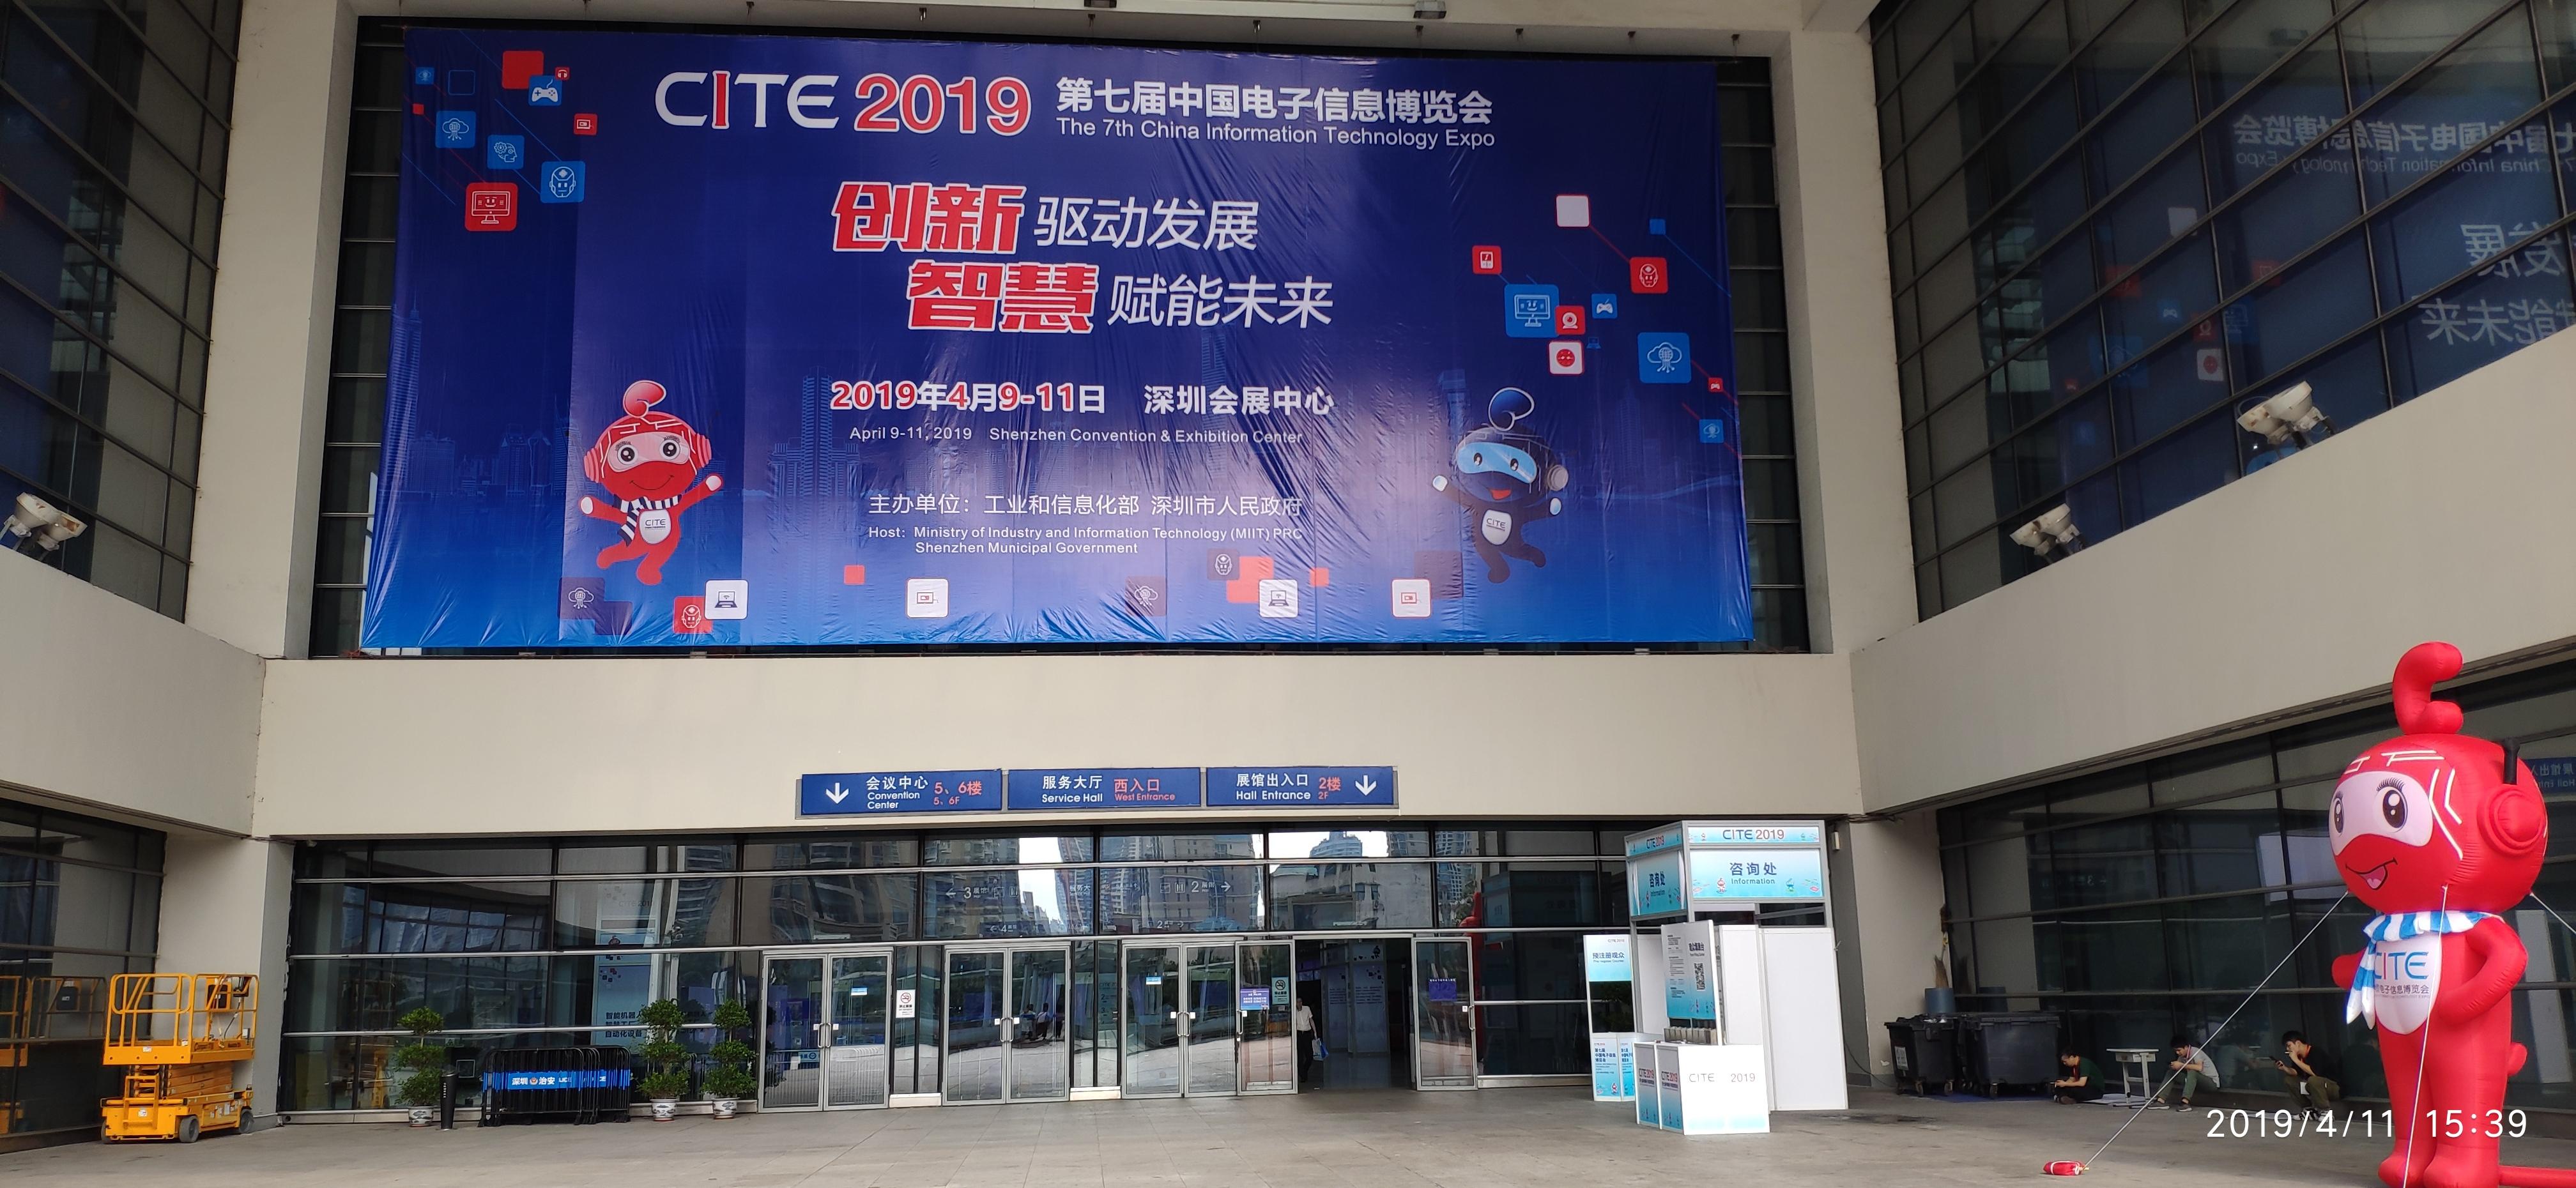 2019.4.9-4.11在深圳举办的2019